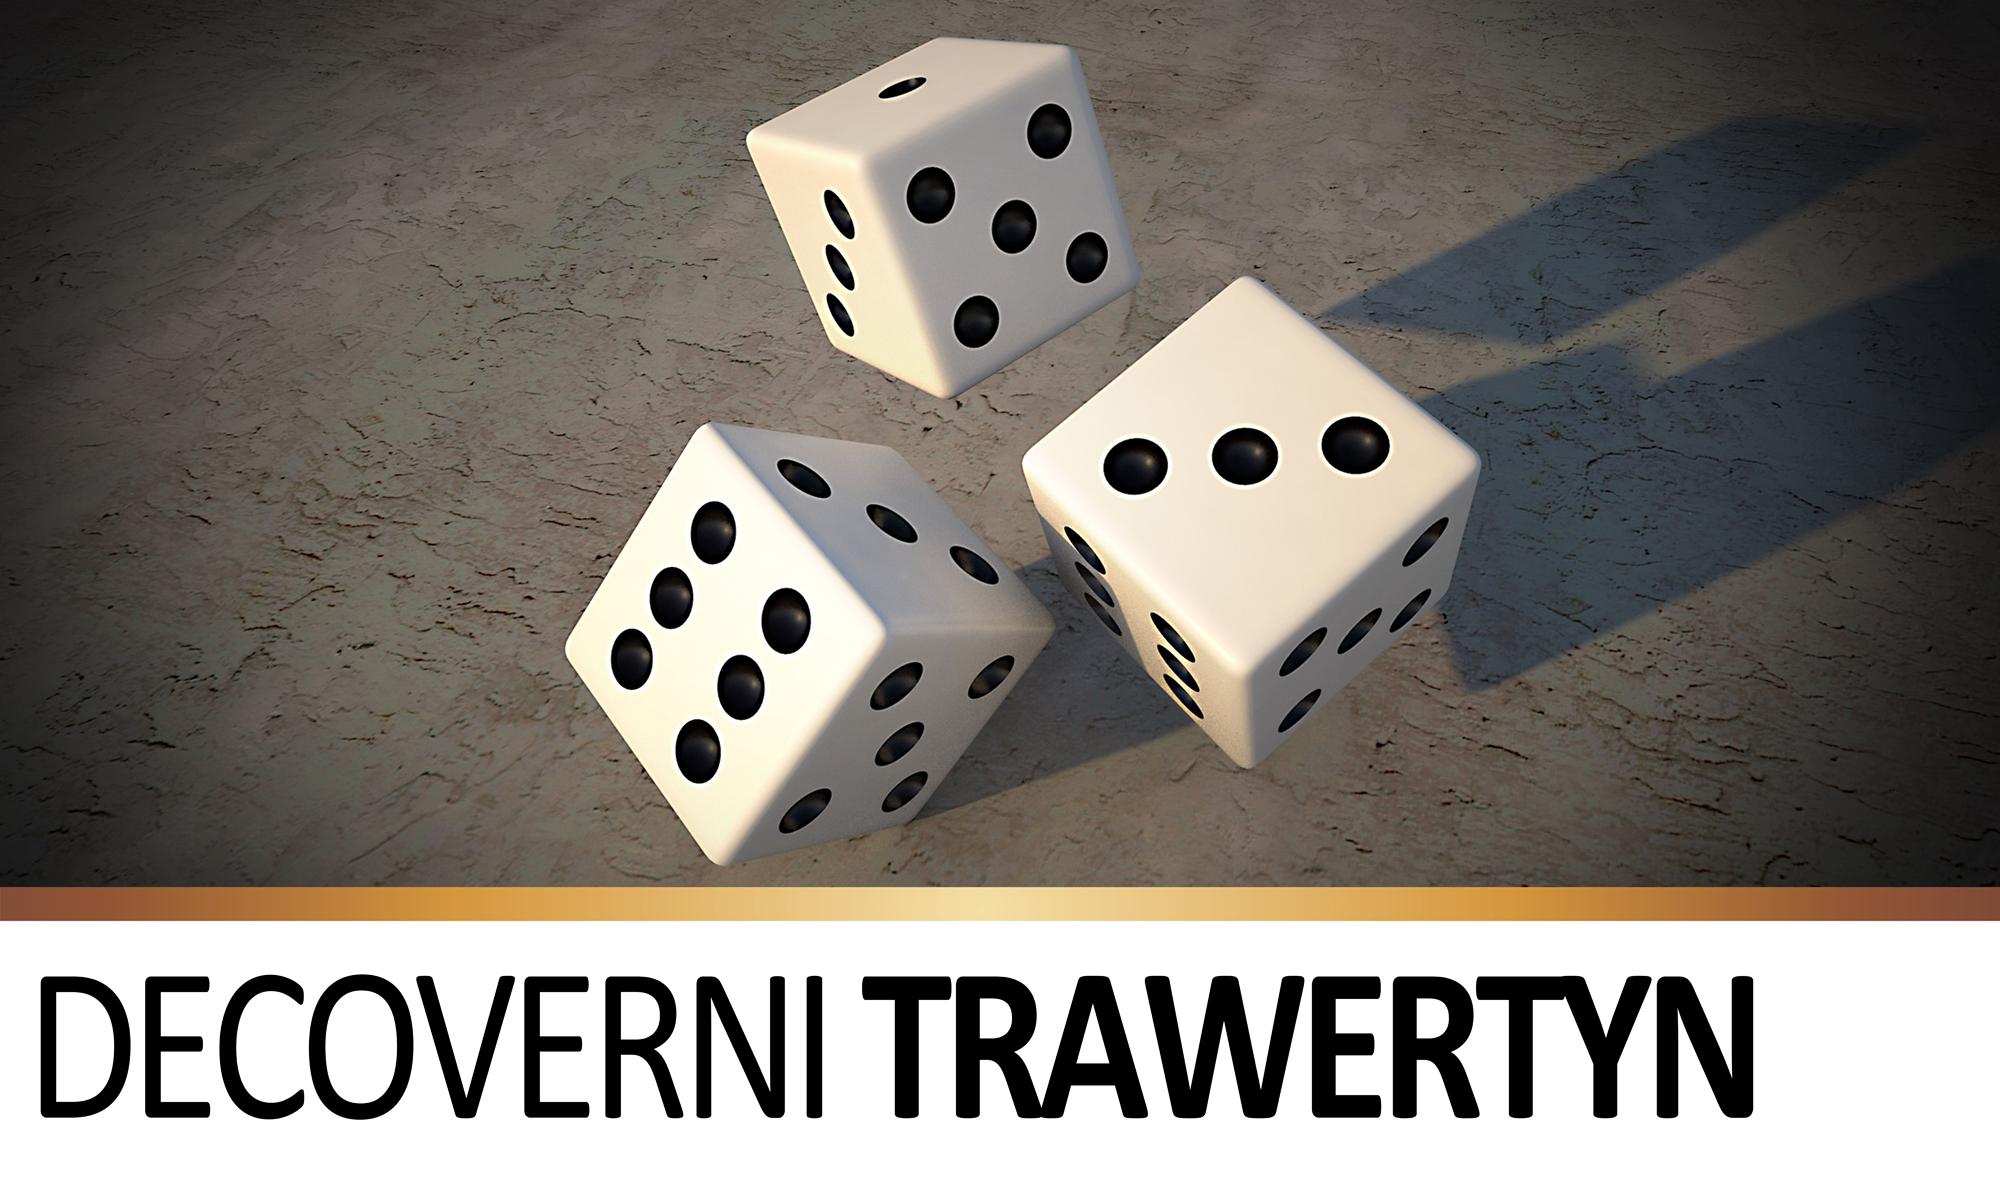 DECOVERNI Trawertyn